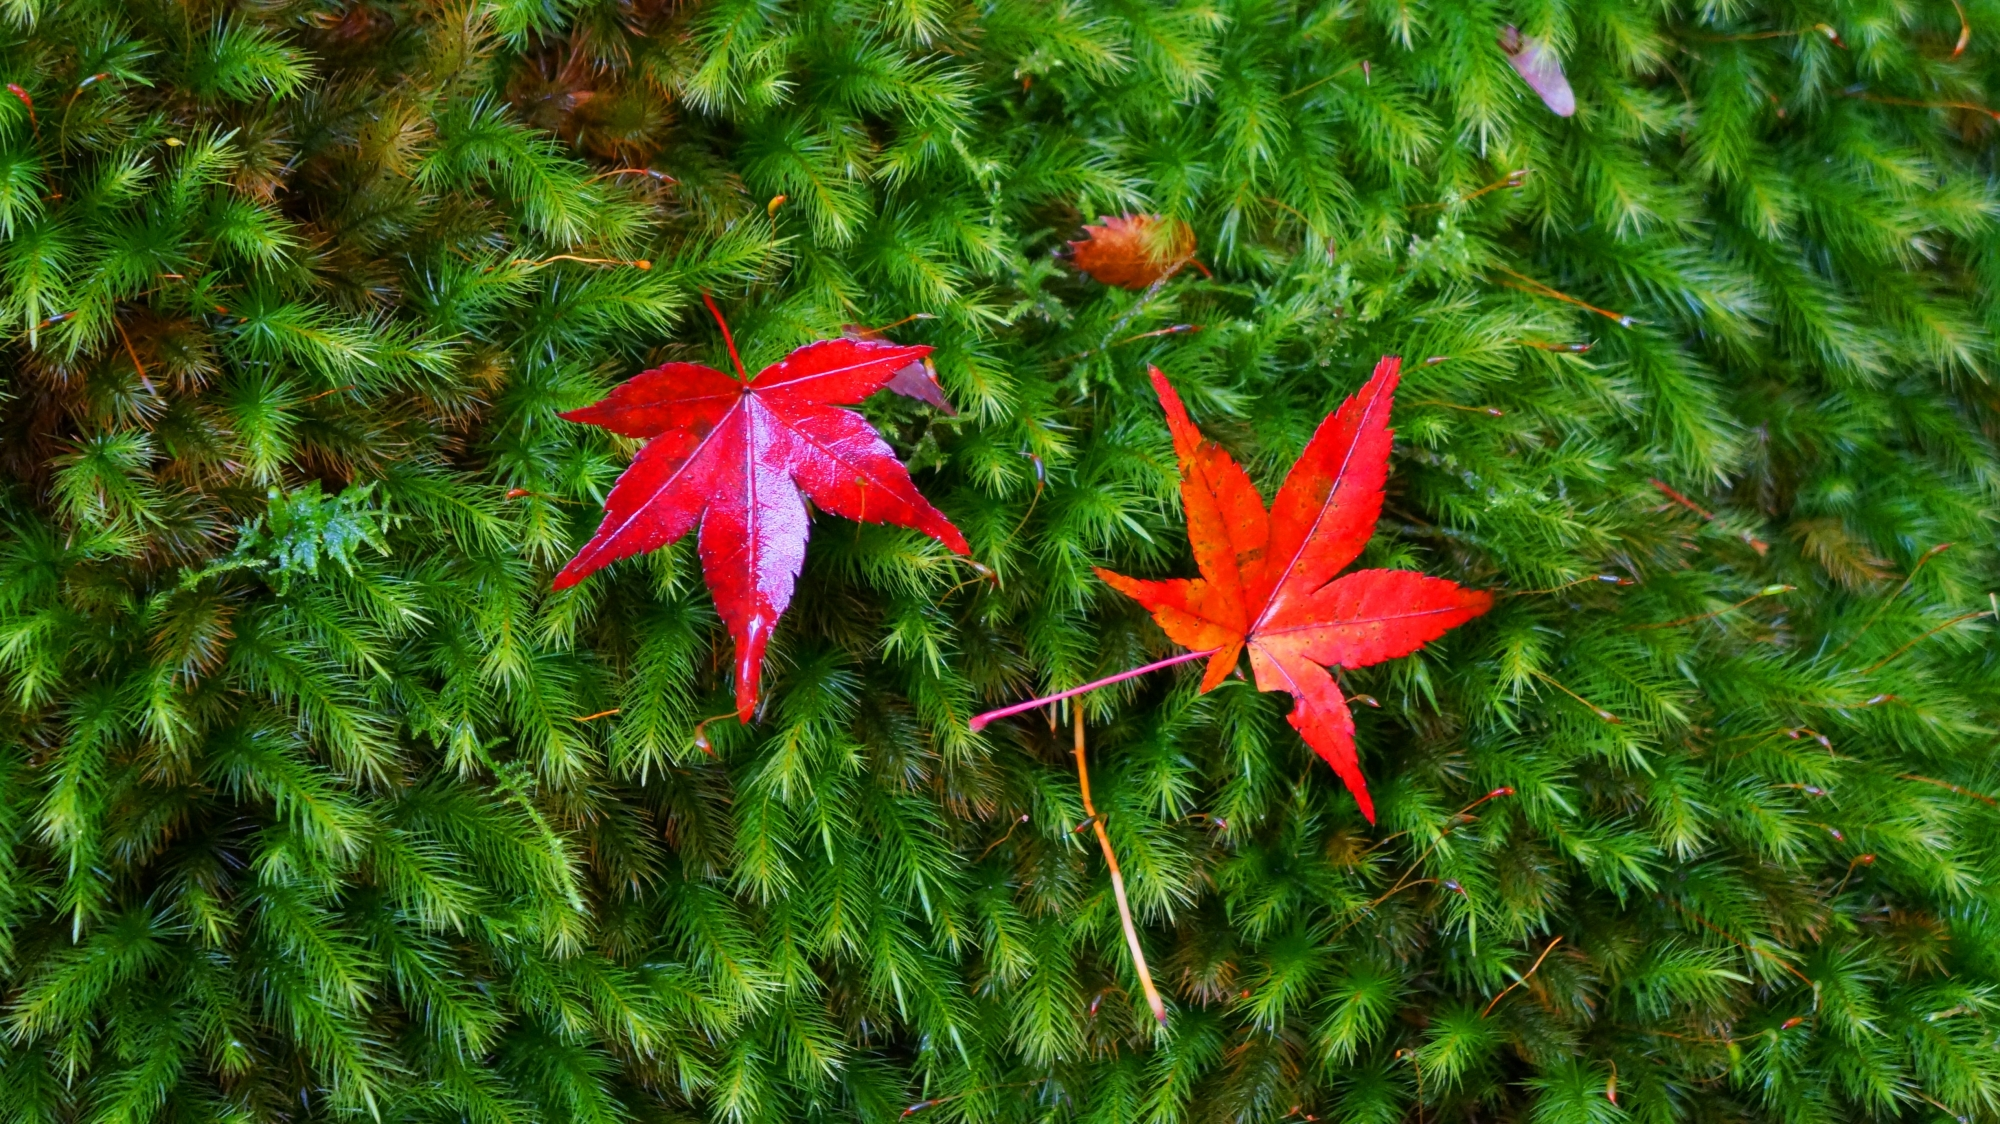 綺麗な苔の上に散る真っ赤紅葉j